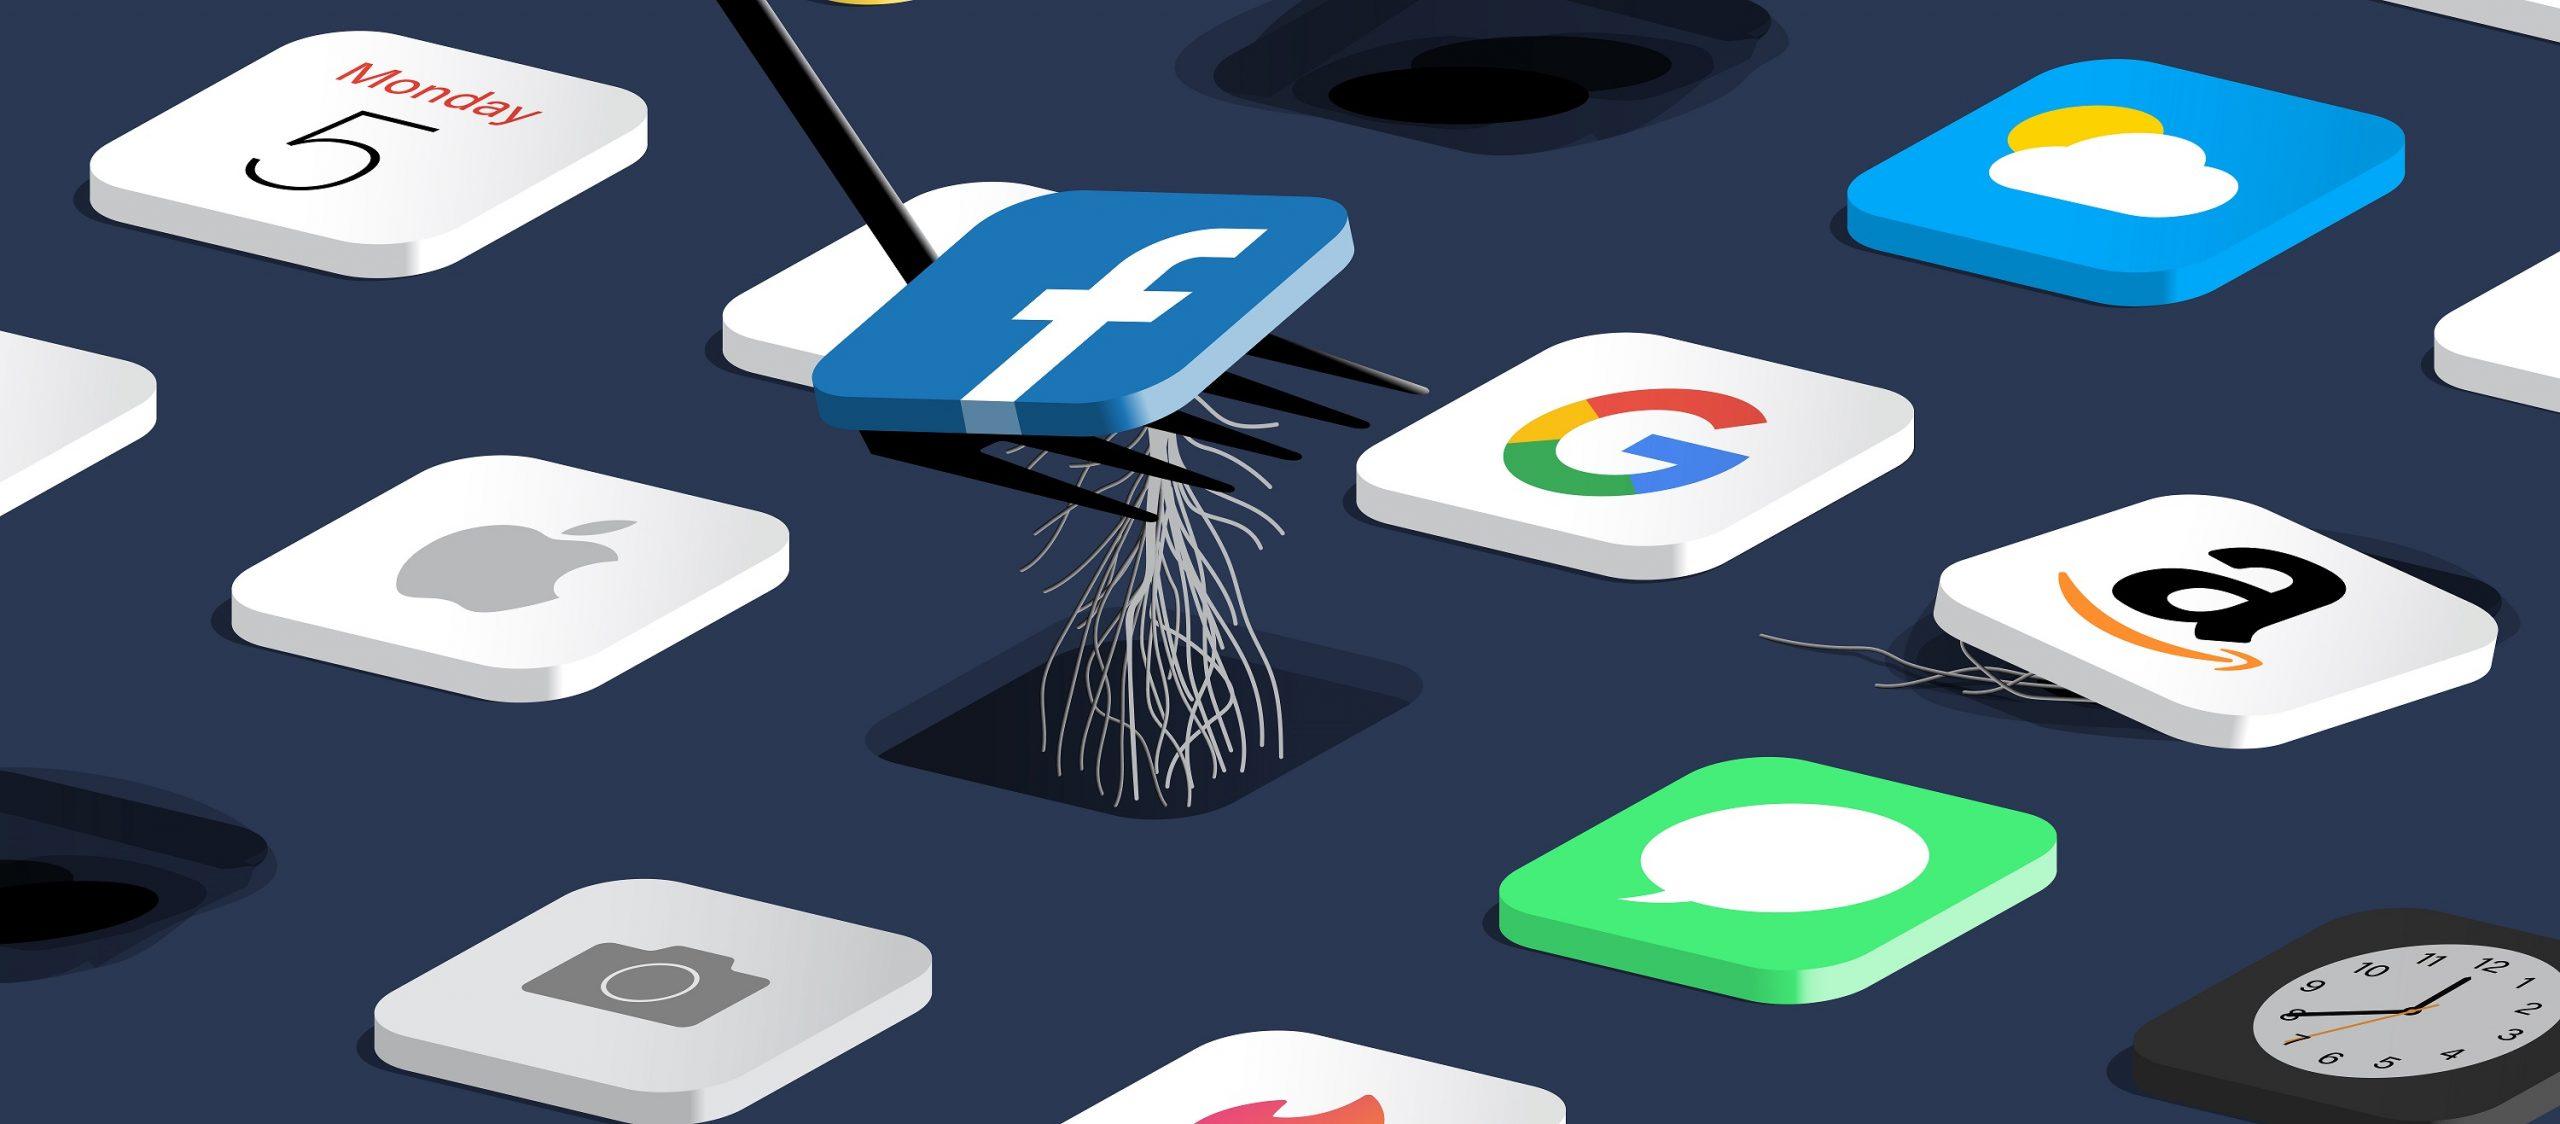 ชีวิตที่ไร้ยักษ์ : เราอยู่โดยไร้เฟซบุ๊ก แอมะซอน กูเกิล แอปเปิล และไมโครซอฟต์ได้ไหม